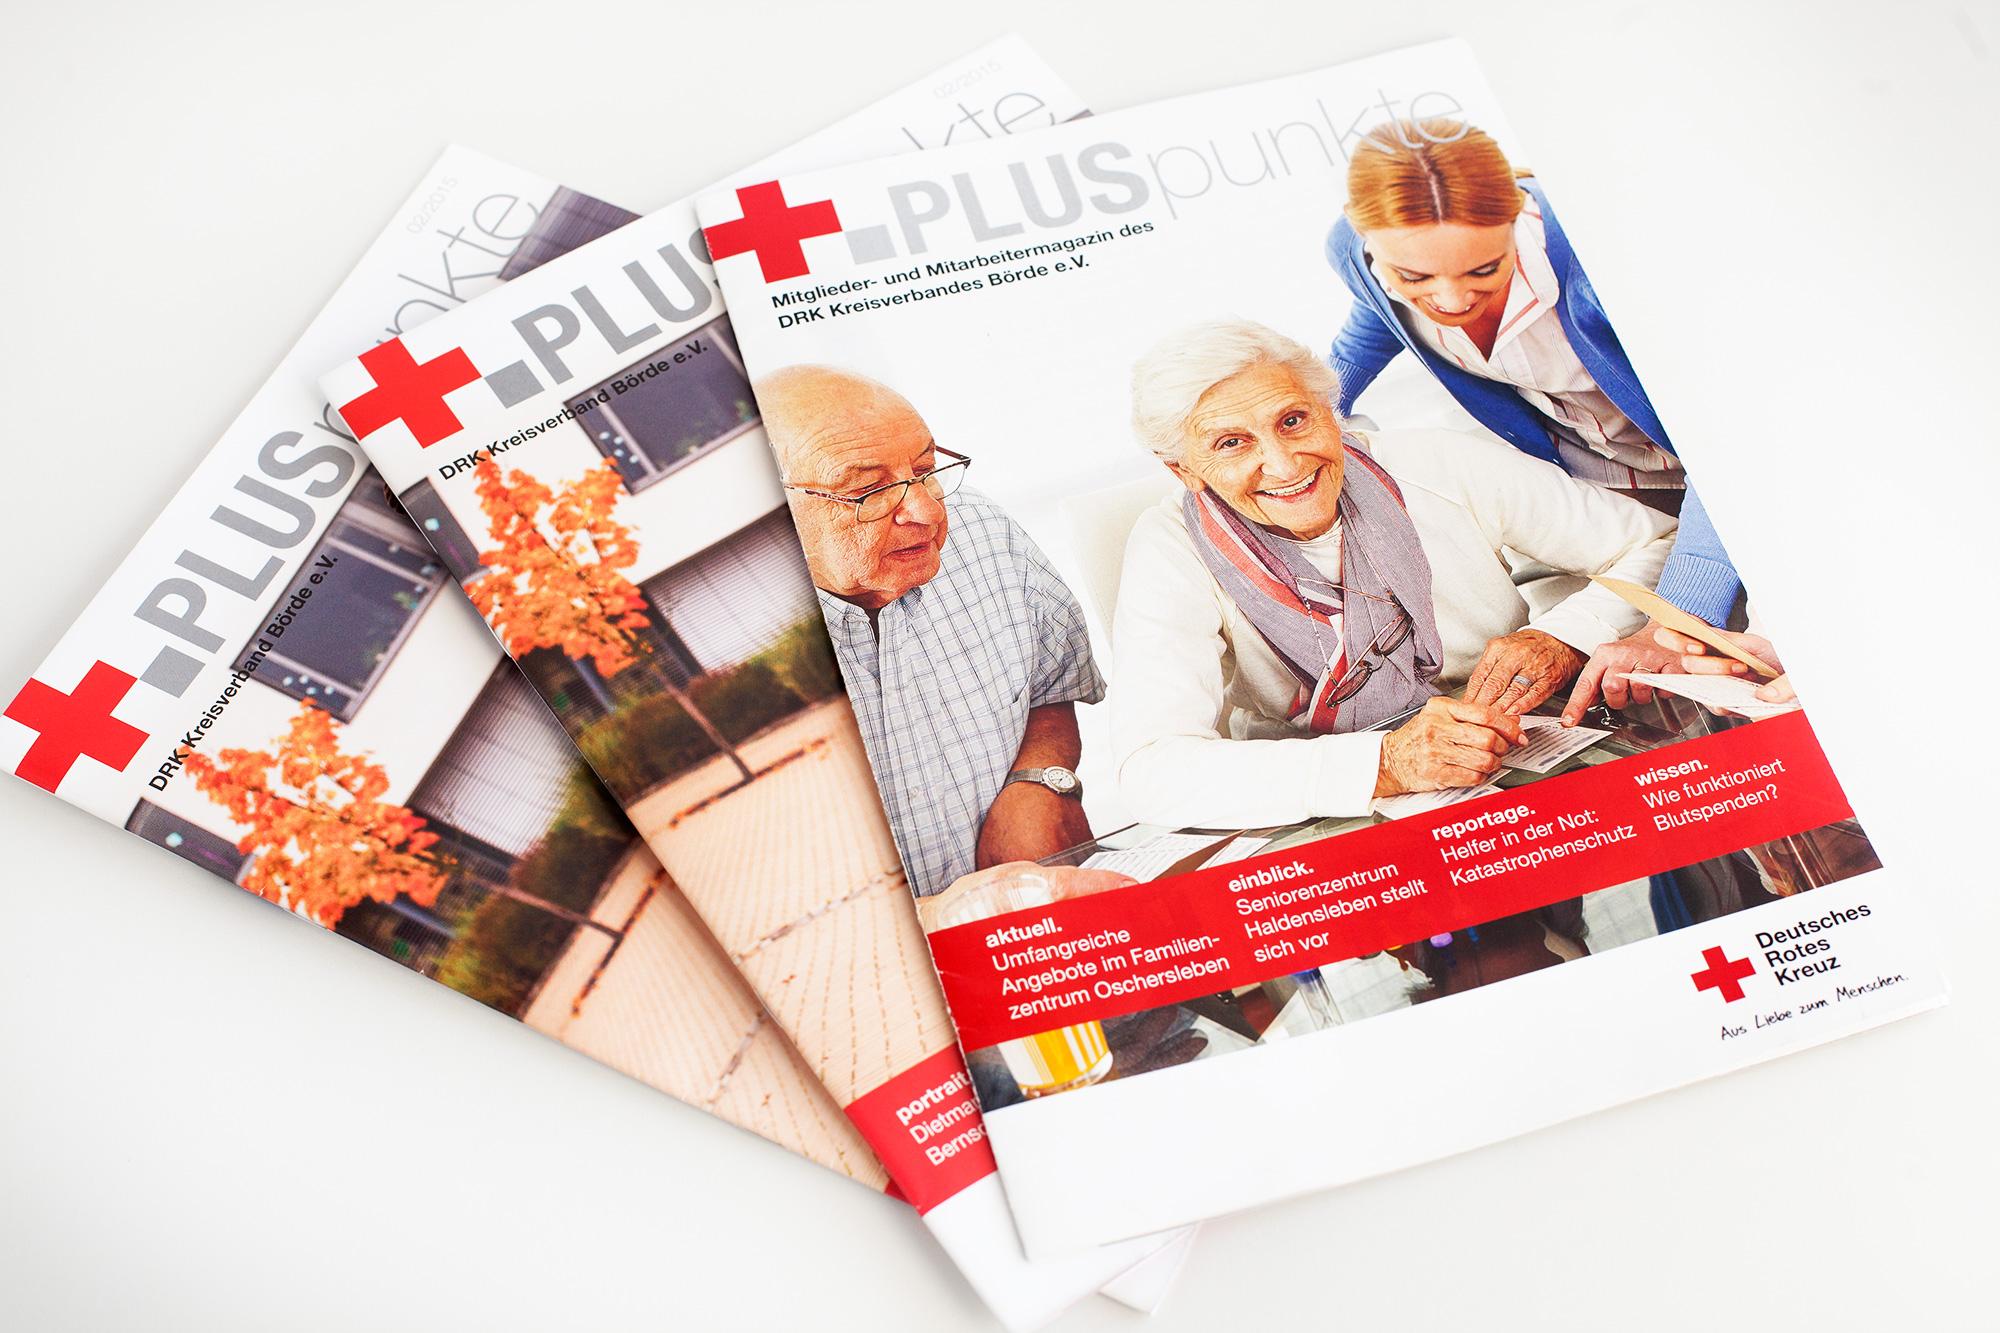 Journal – DRK Kreisverband Börde e.V.